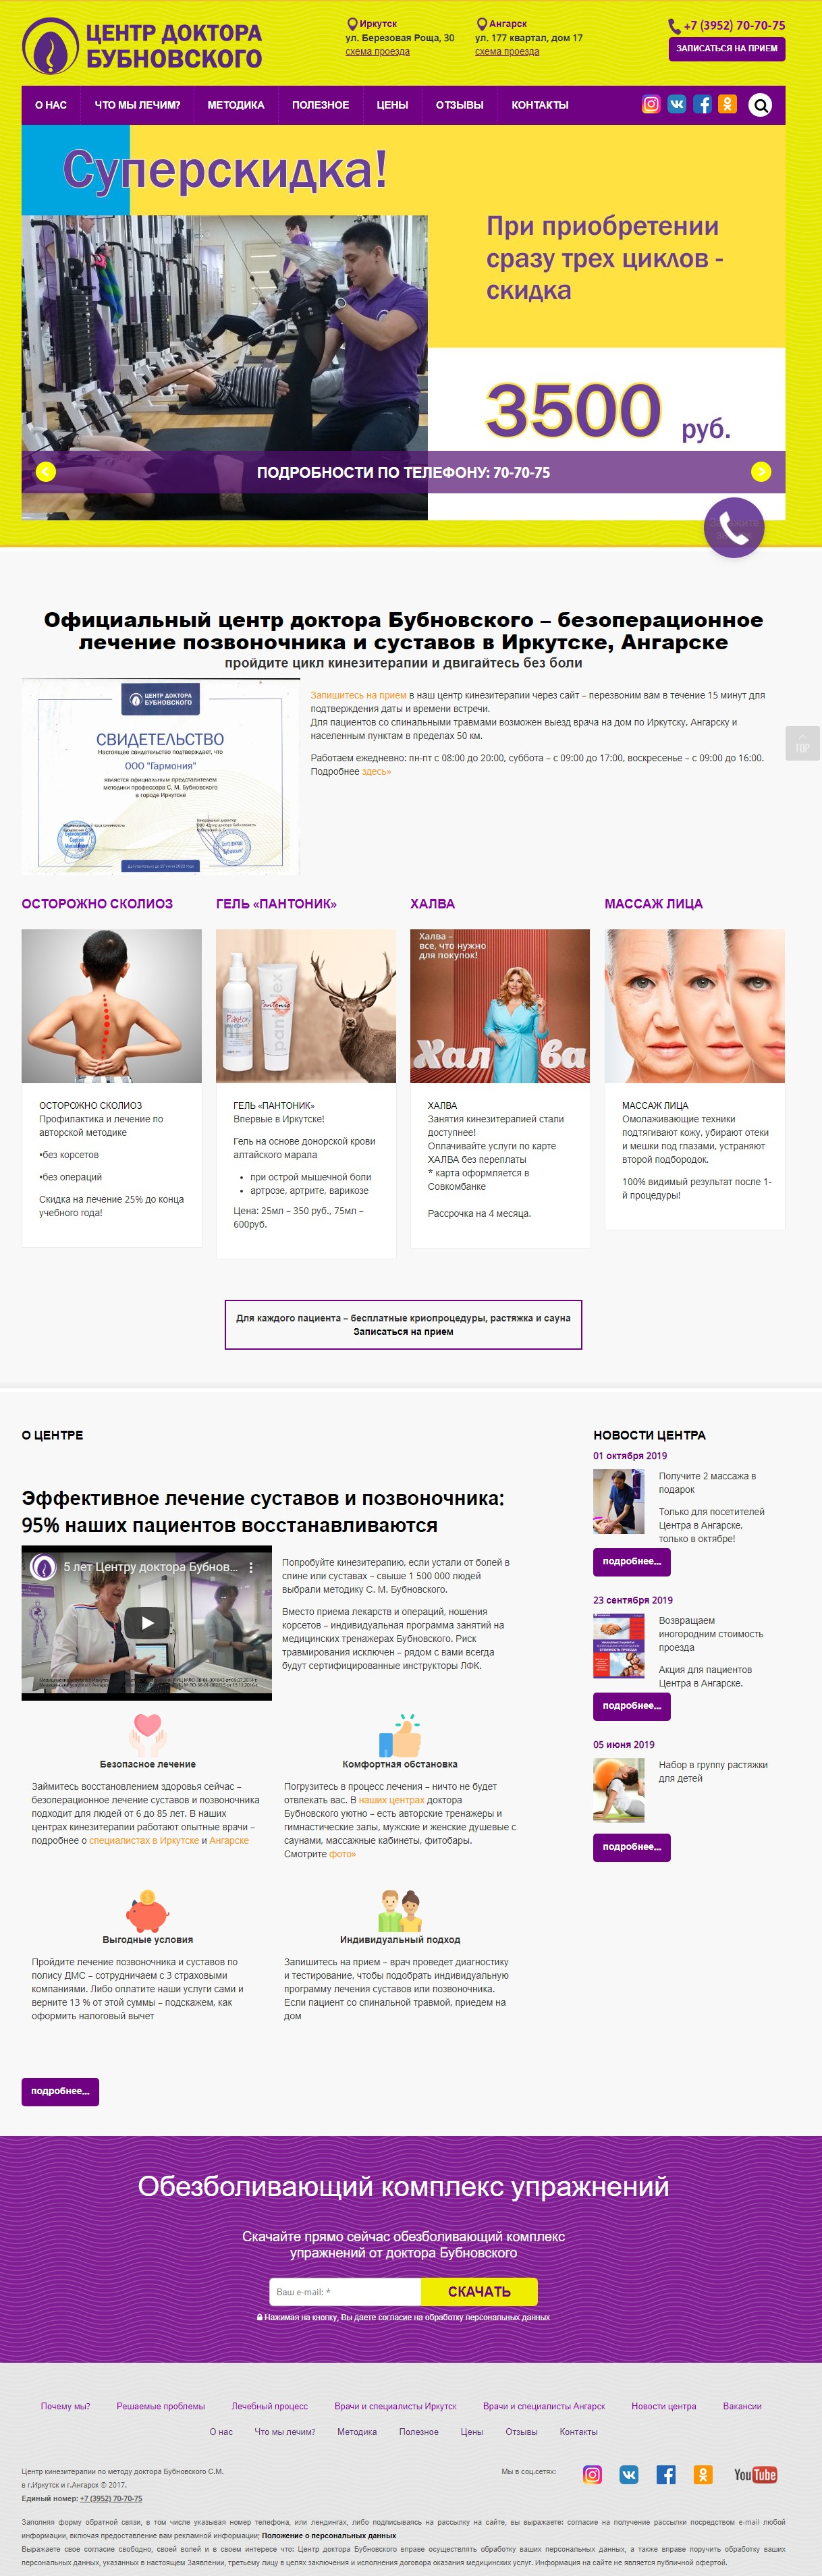 Официальный сайт центра доктора Бубновского в Ангарске и Иркутске